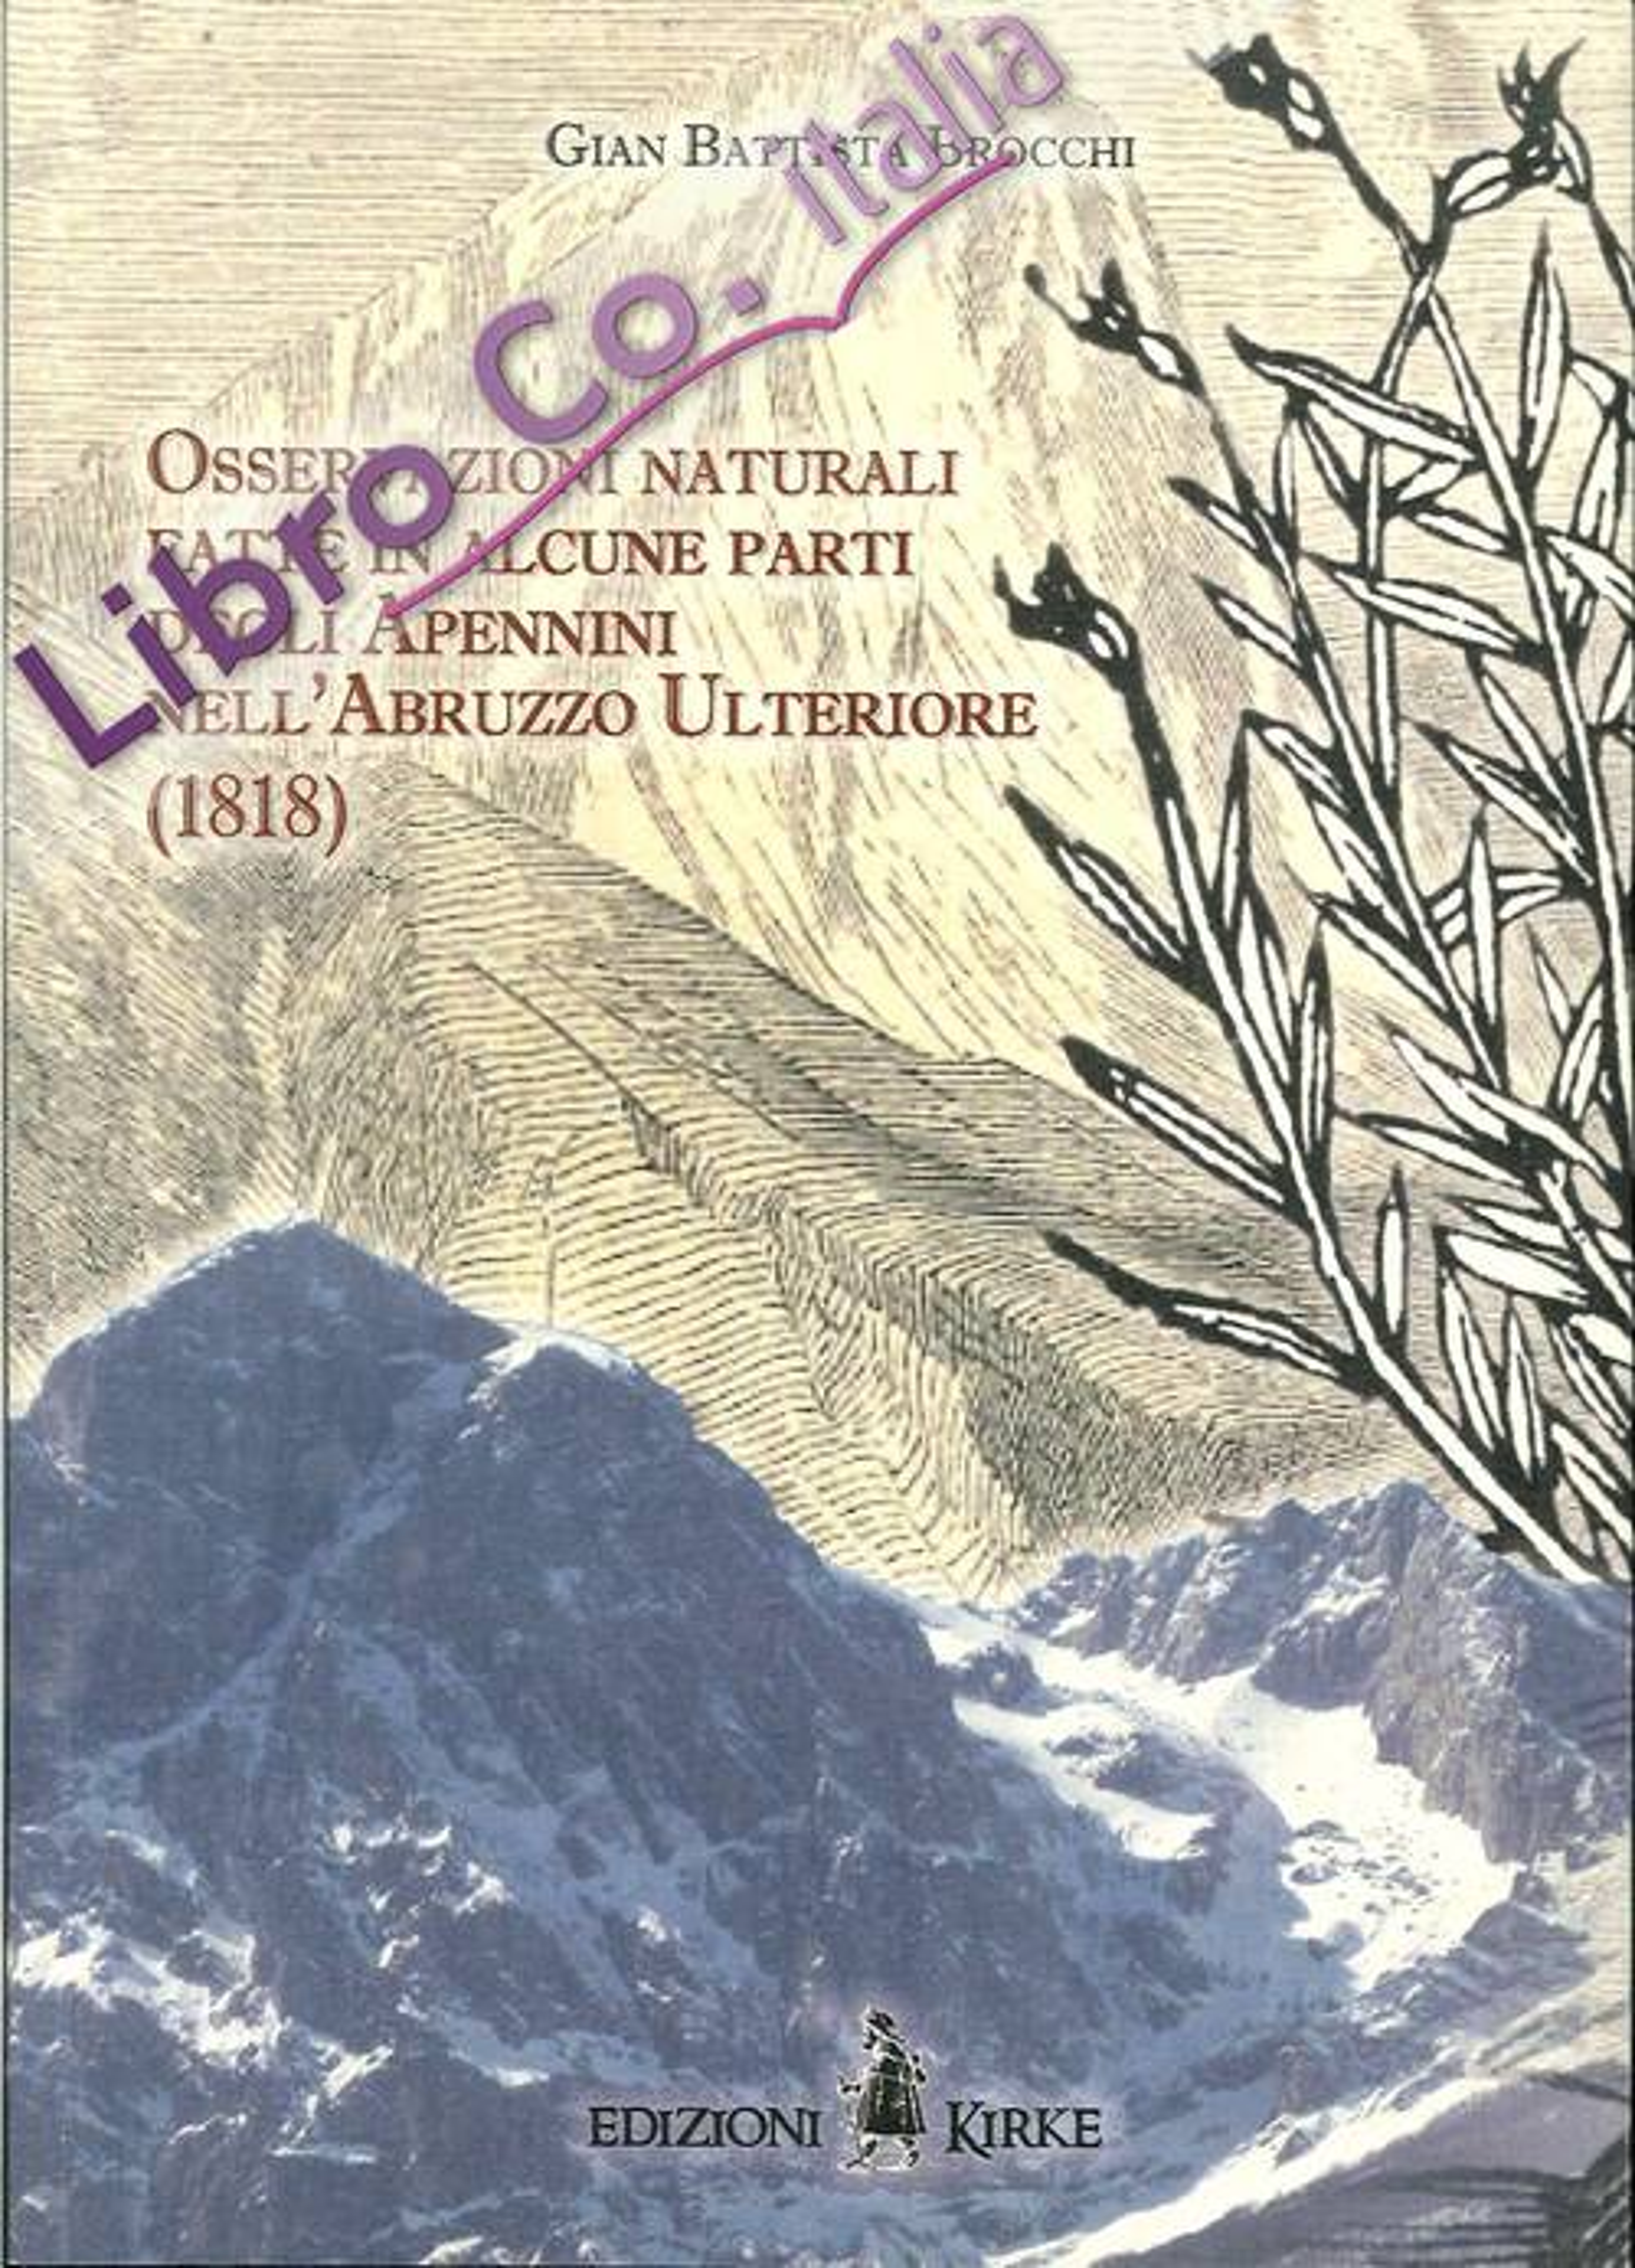 Osservazioni naturali fatte in alcune parti degli Apennini nell'Abruzzzo Ulteriore (1818).